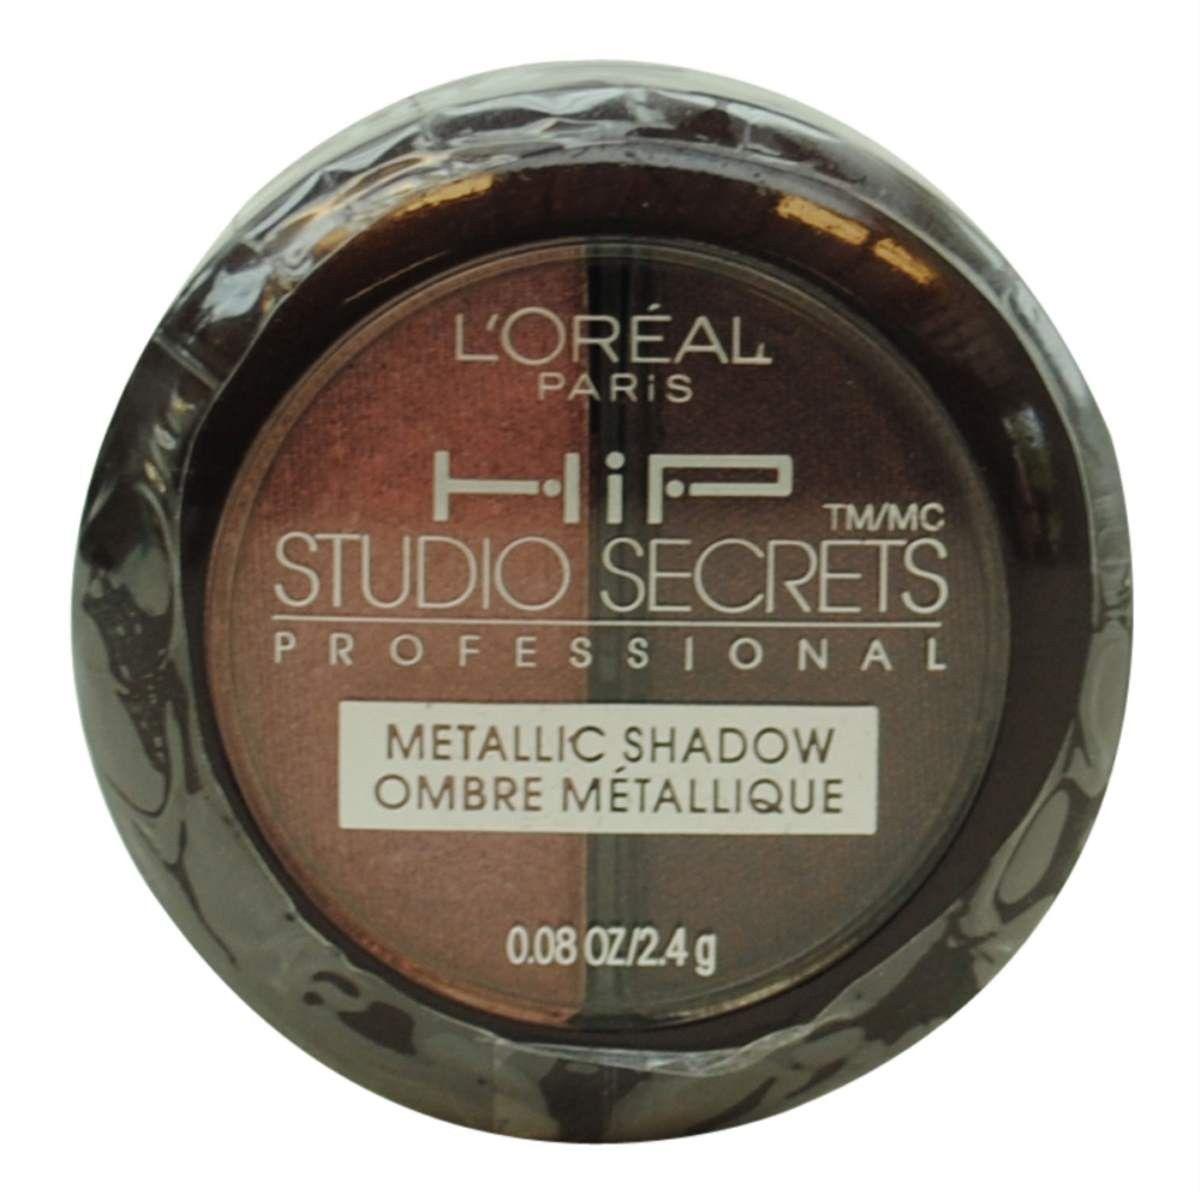 L'oreal Hip Studio Secrets Metallic Shadow Duo #106 Sculpted ...